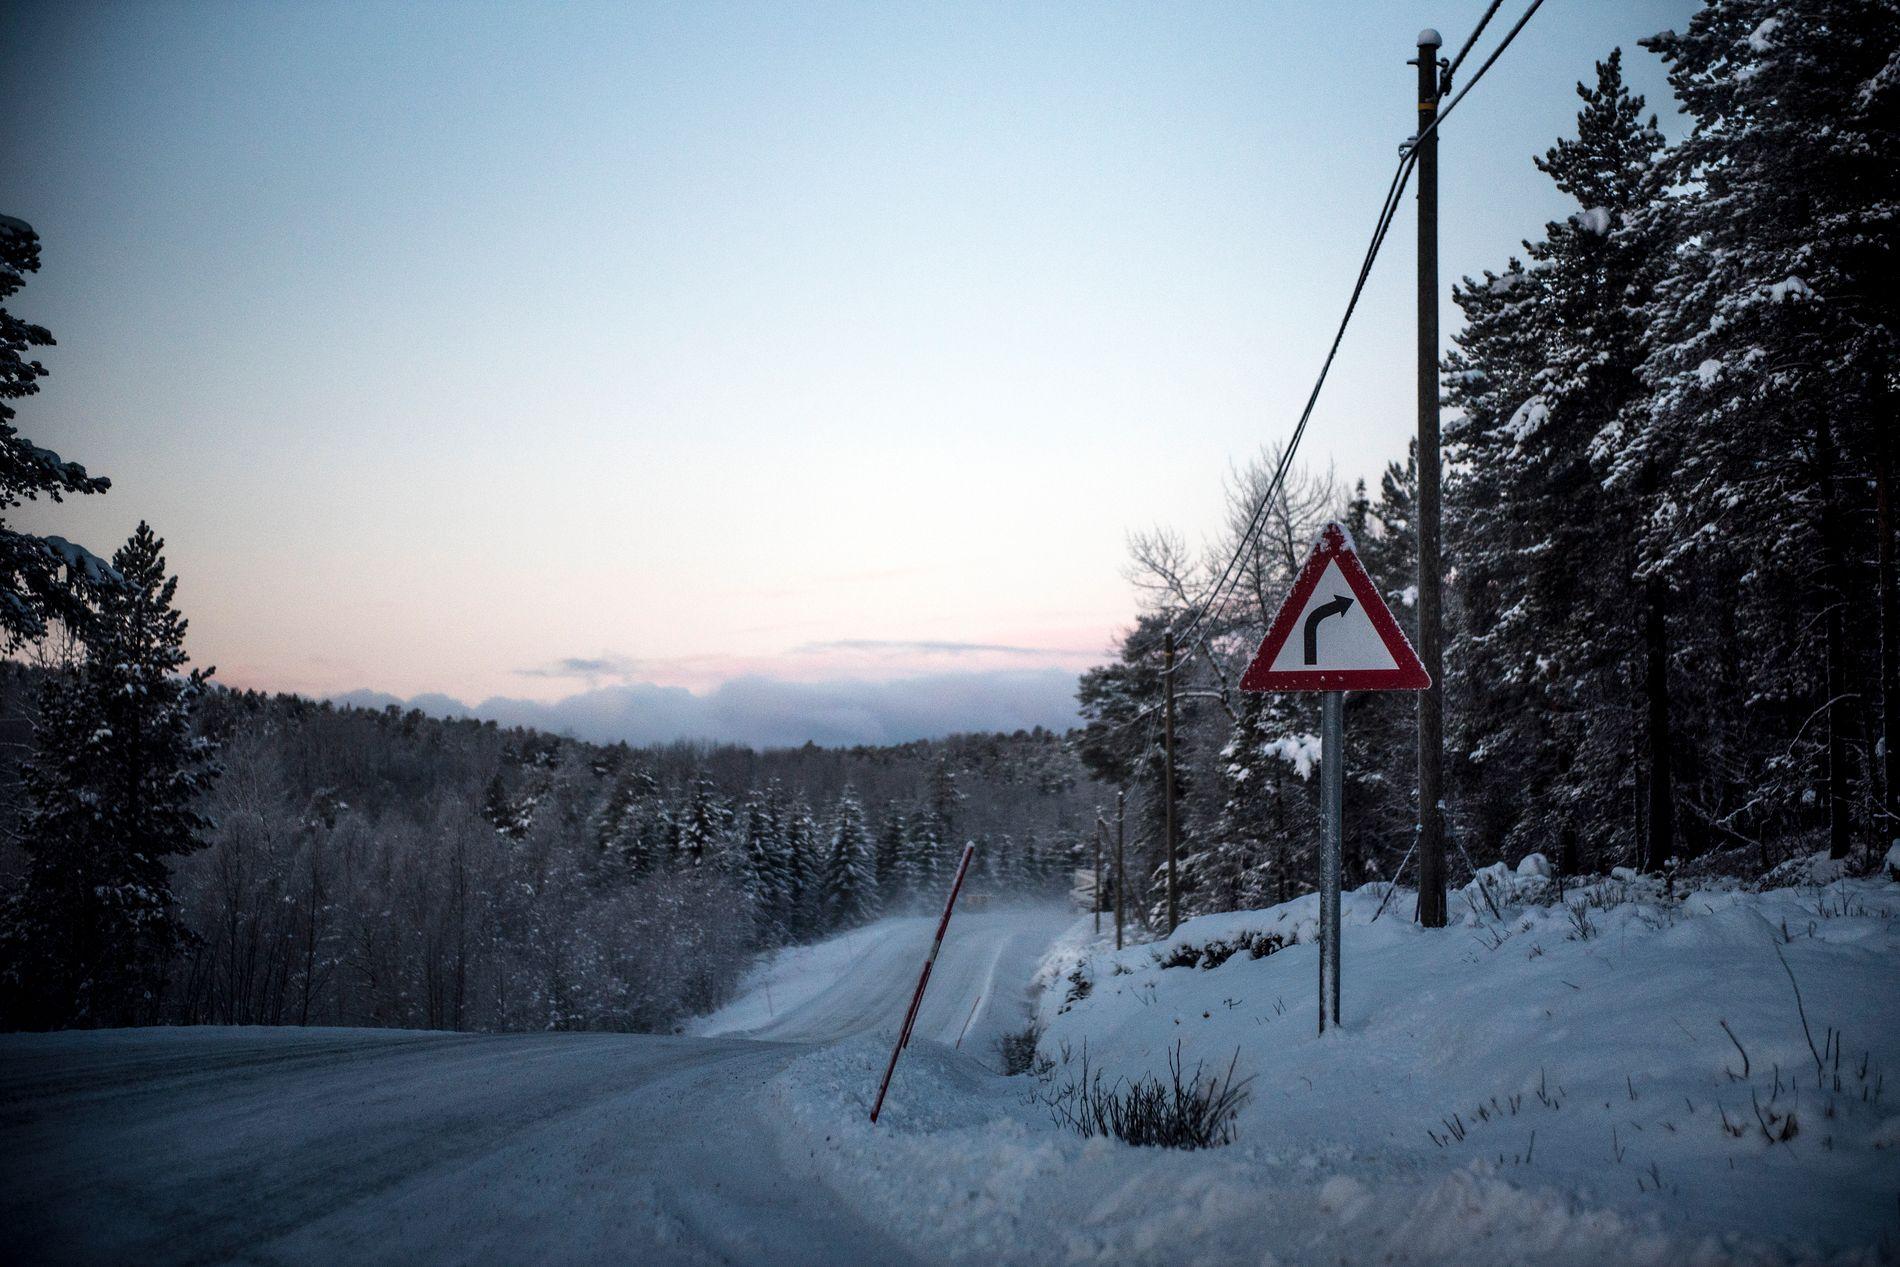 MYE NEDBØR: Natt til andre juledag kan det komme mye nedbør sør for Oslo. Her fra Hamarøy i november.